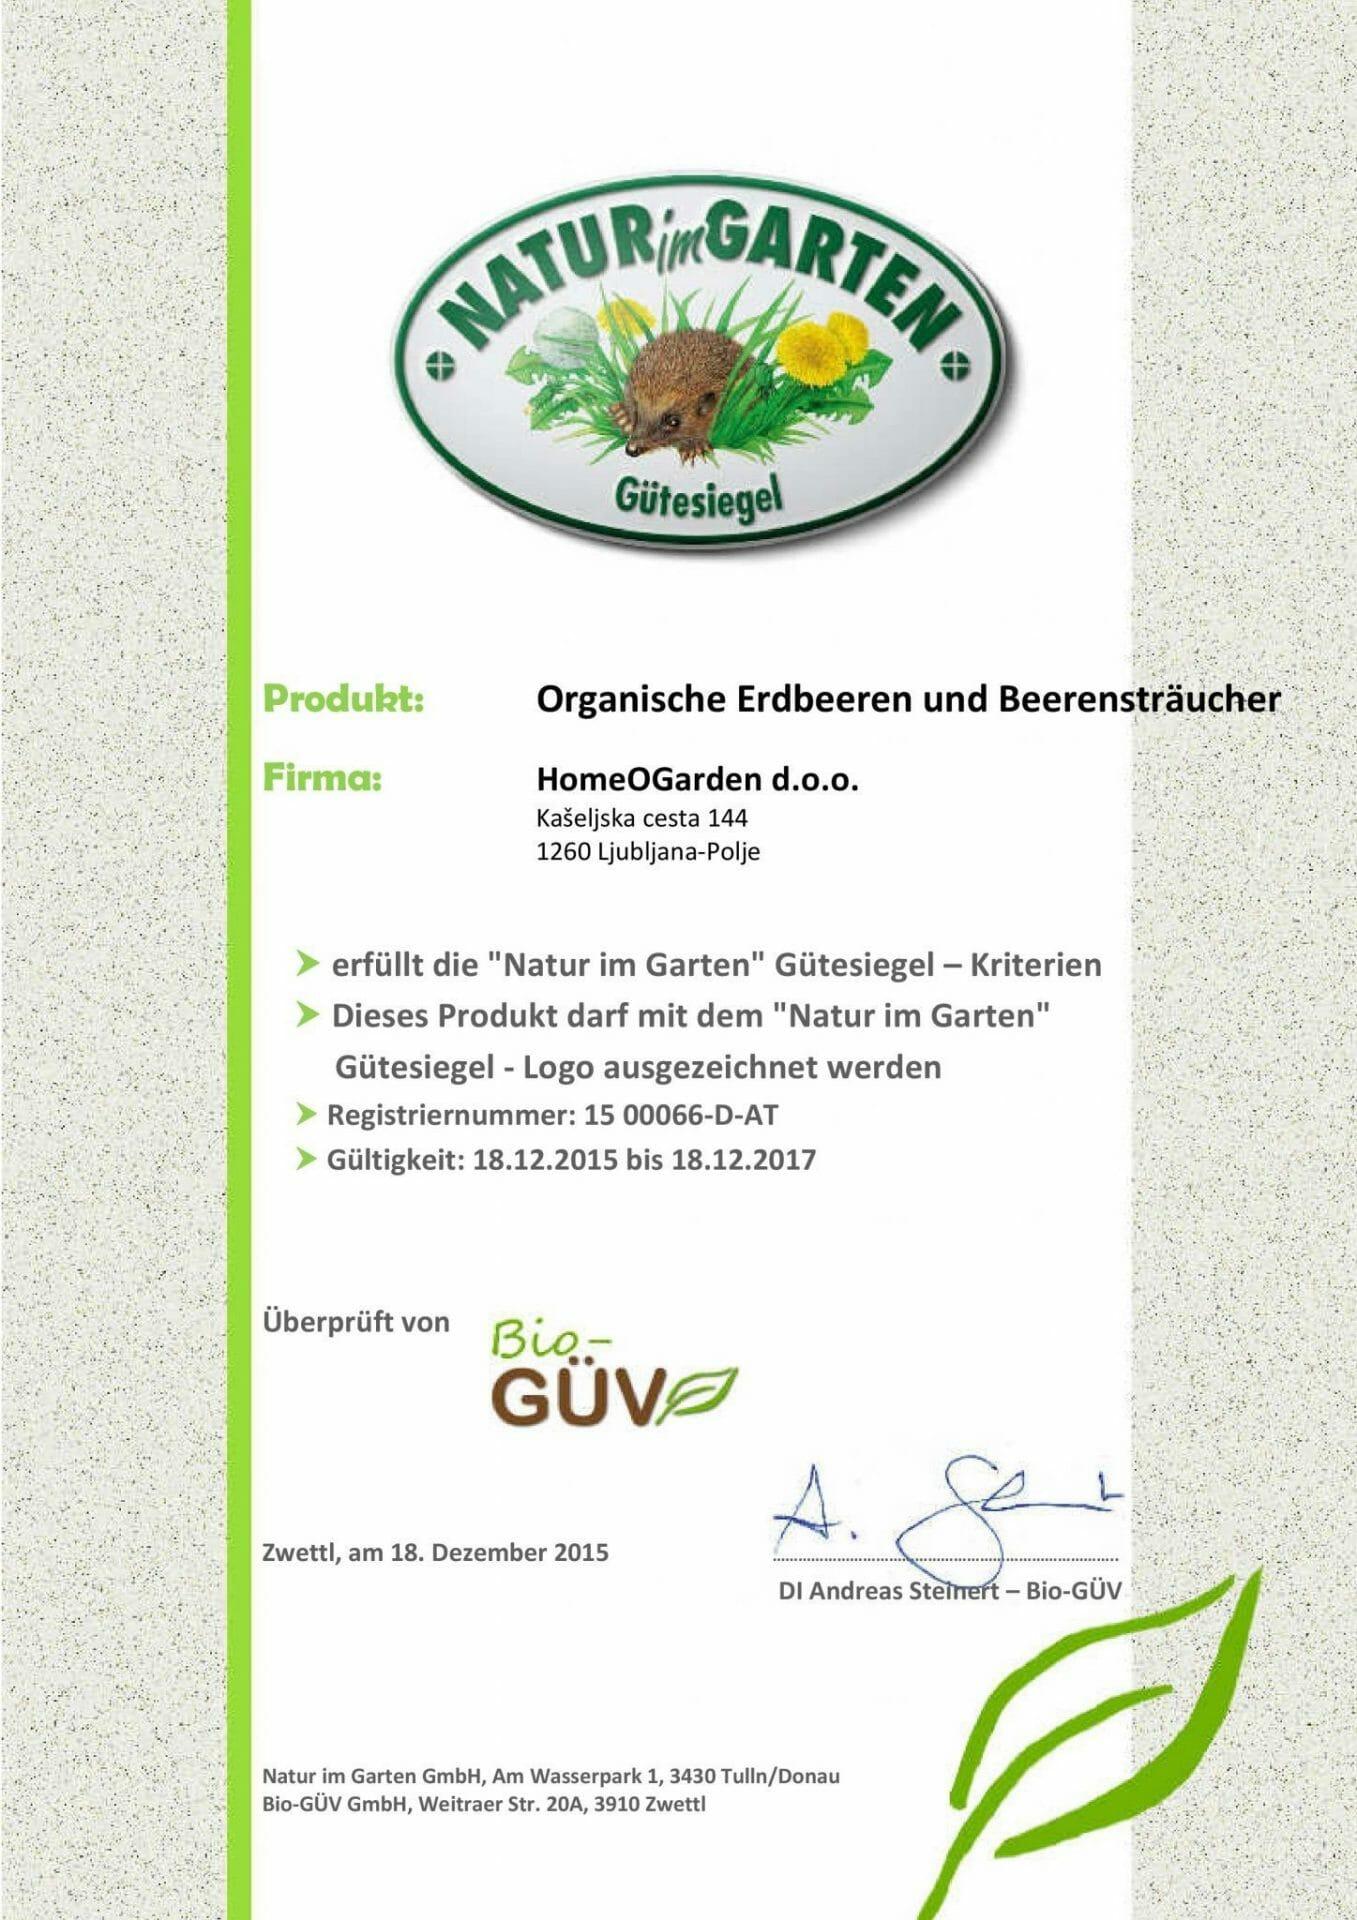 66. HomeOGarten, Organische Erdbeeren und Beerensträucher-page-001